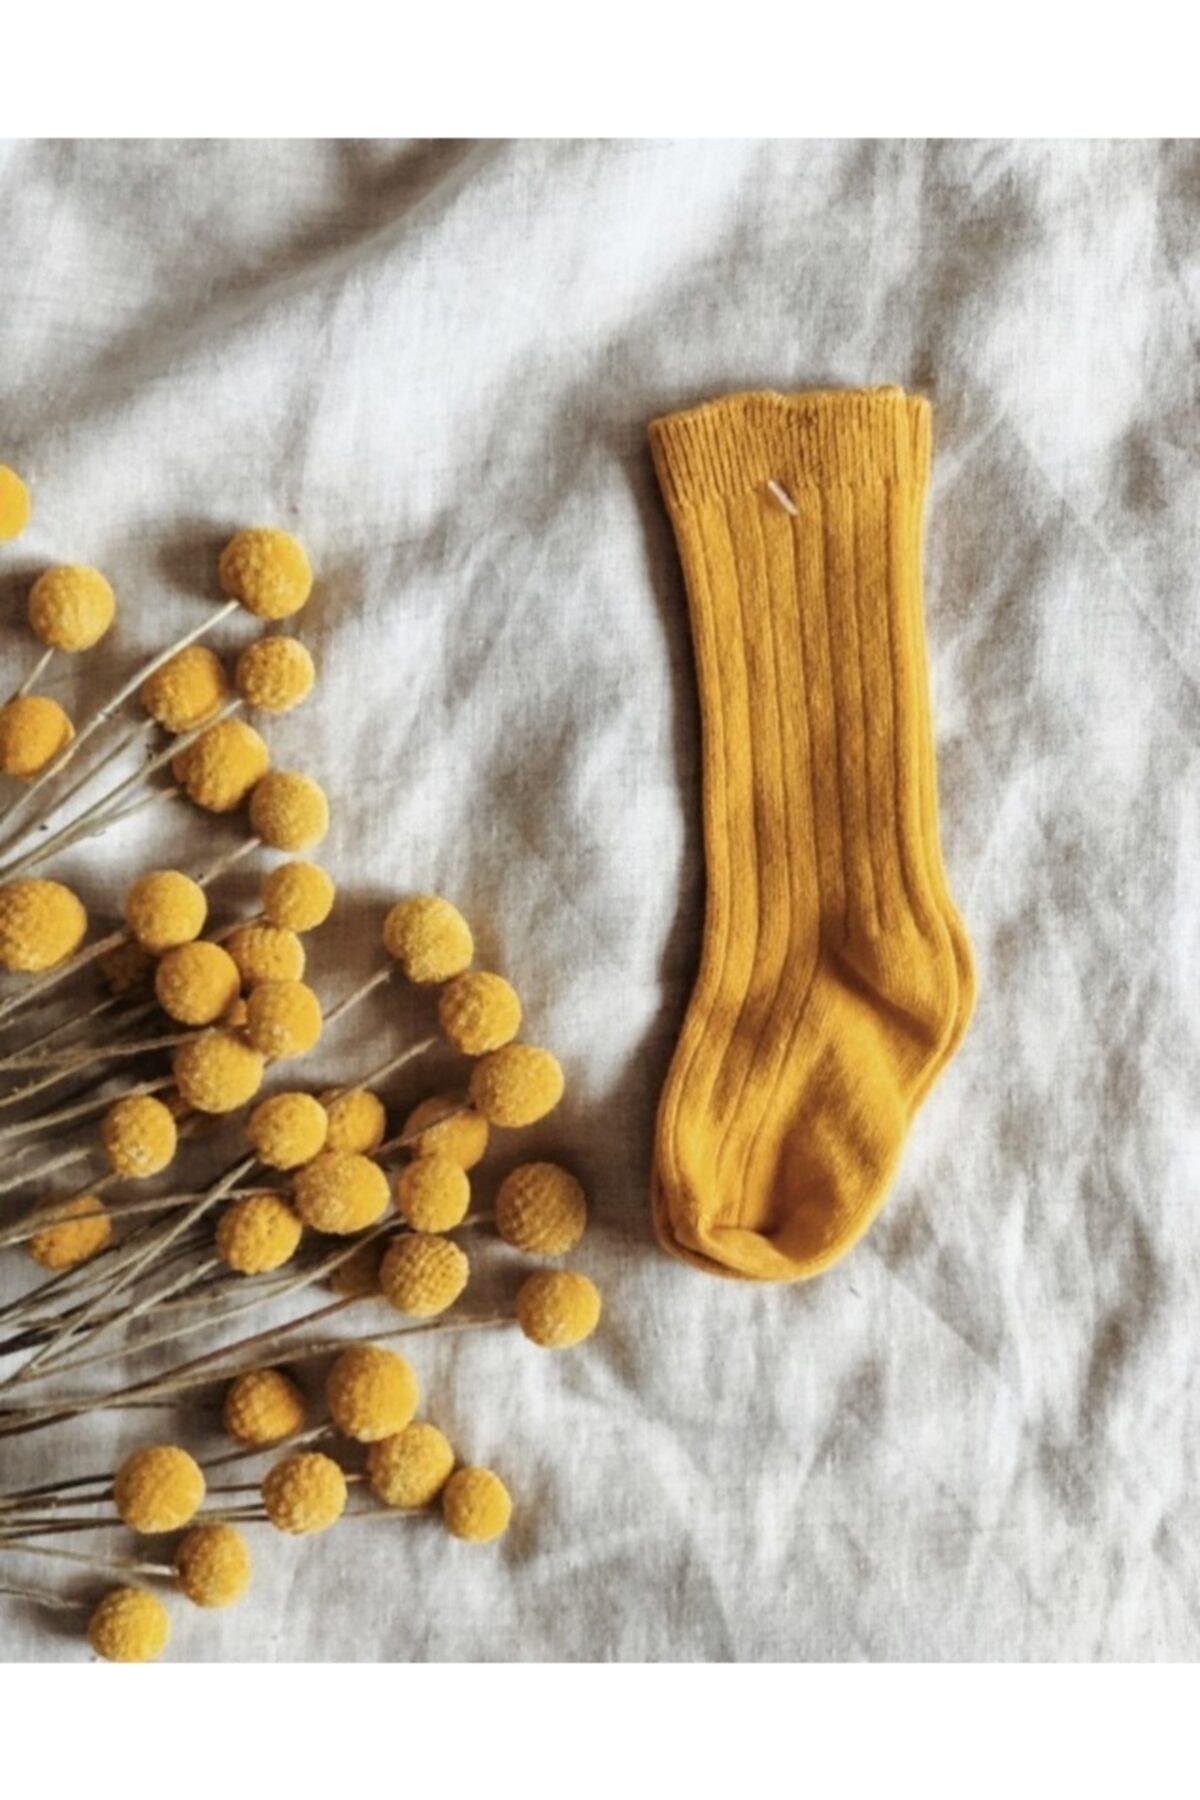 LAL Babyrompers Safran Rengi Dizaltı Bebek Çorabı 1